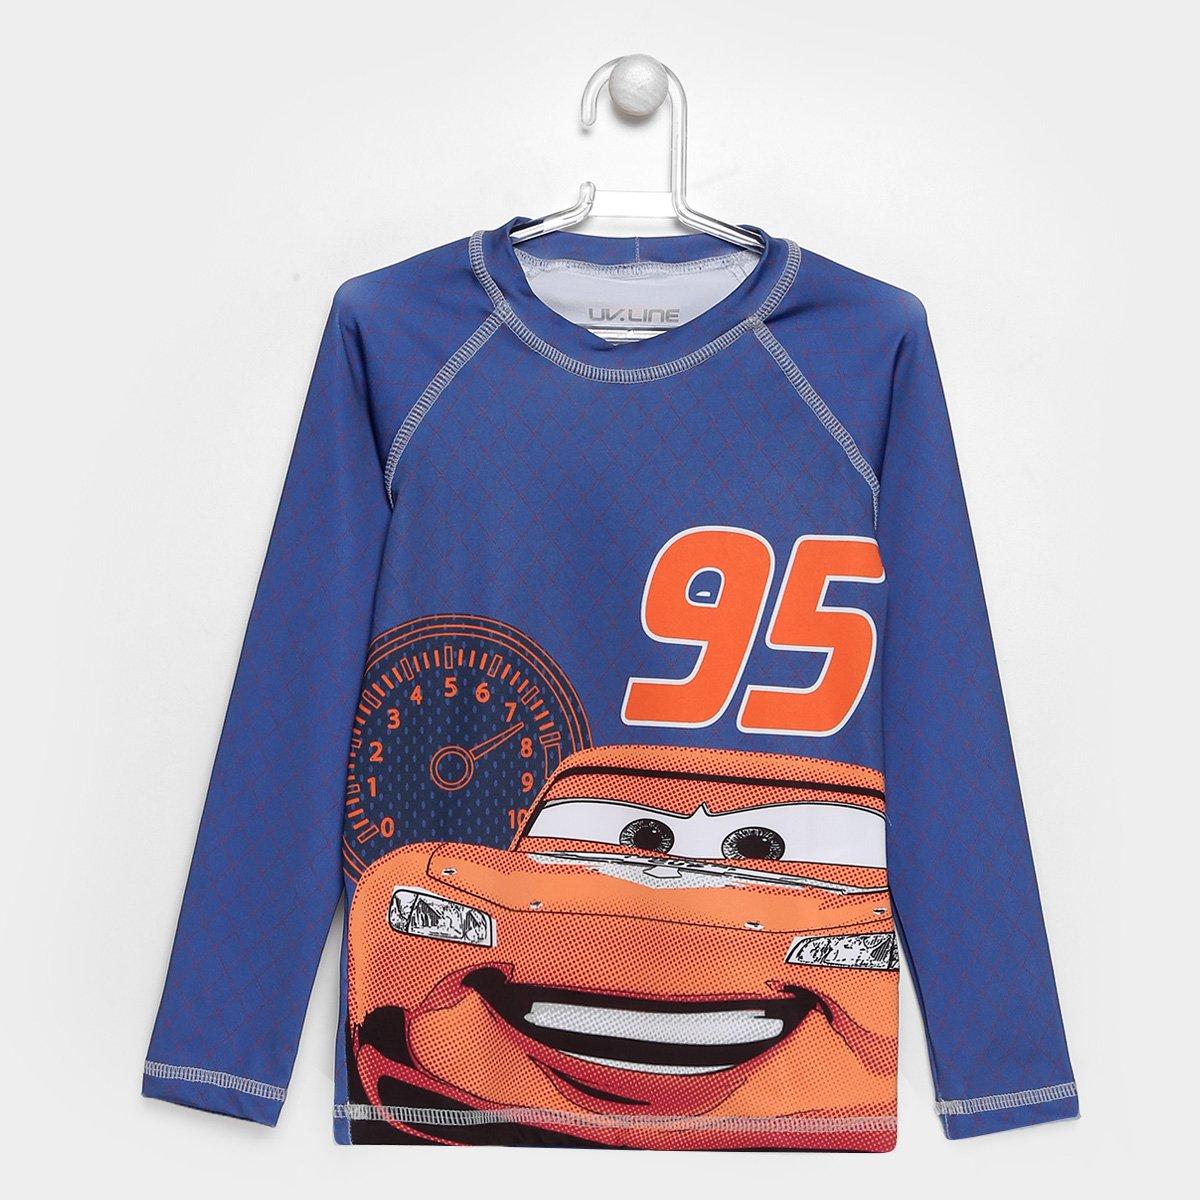 963a3aca8d14f Camiseta Infantil UV Line Acqua Carros Manga Longa - Compre Agora ...